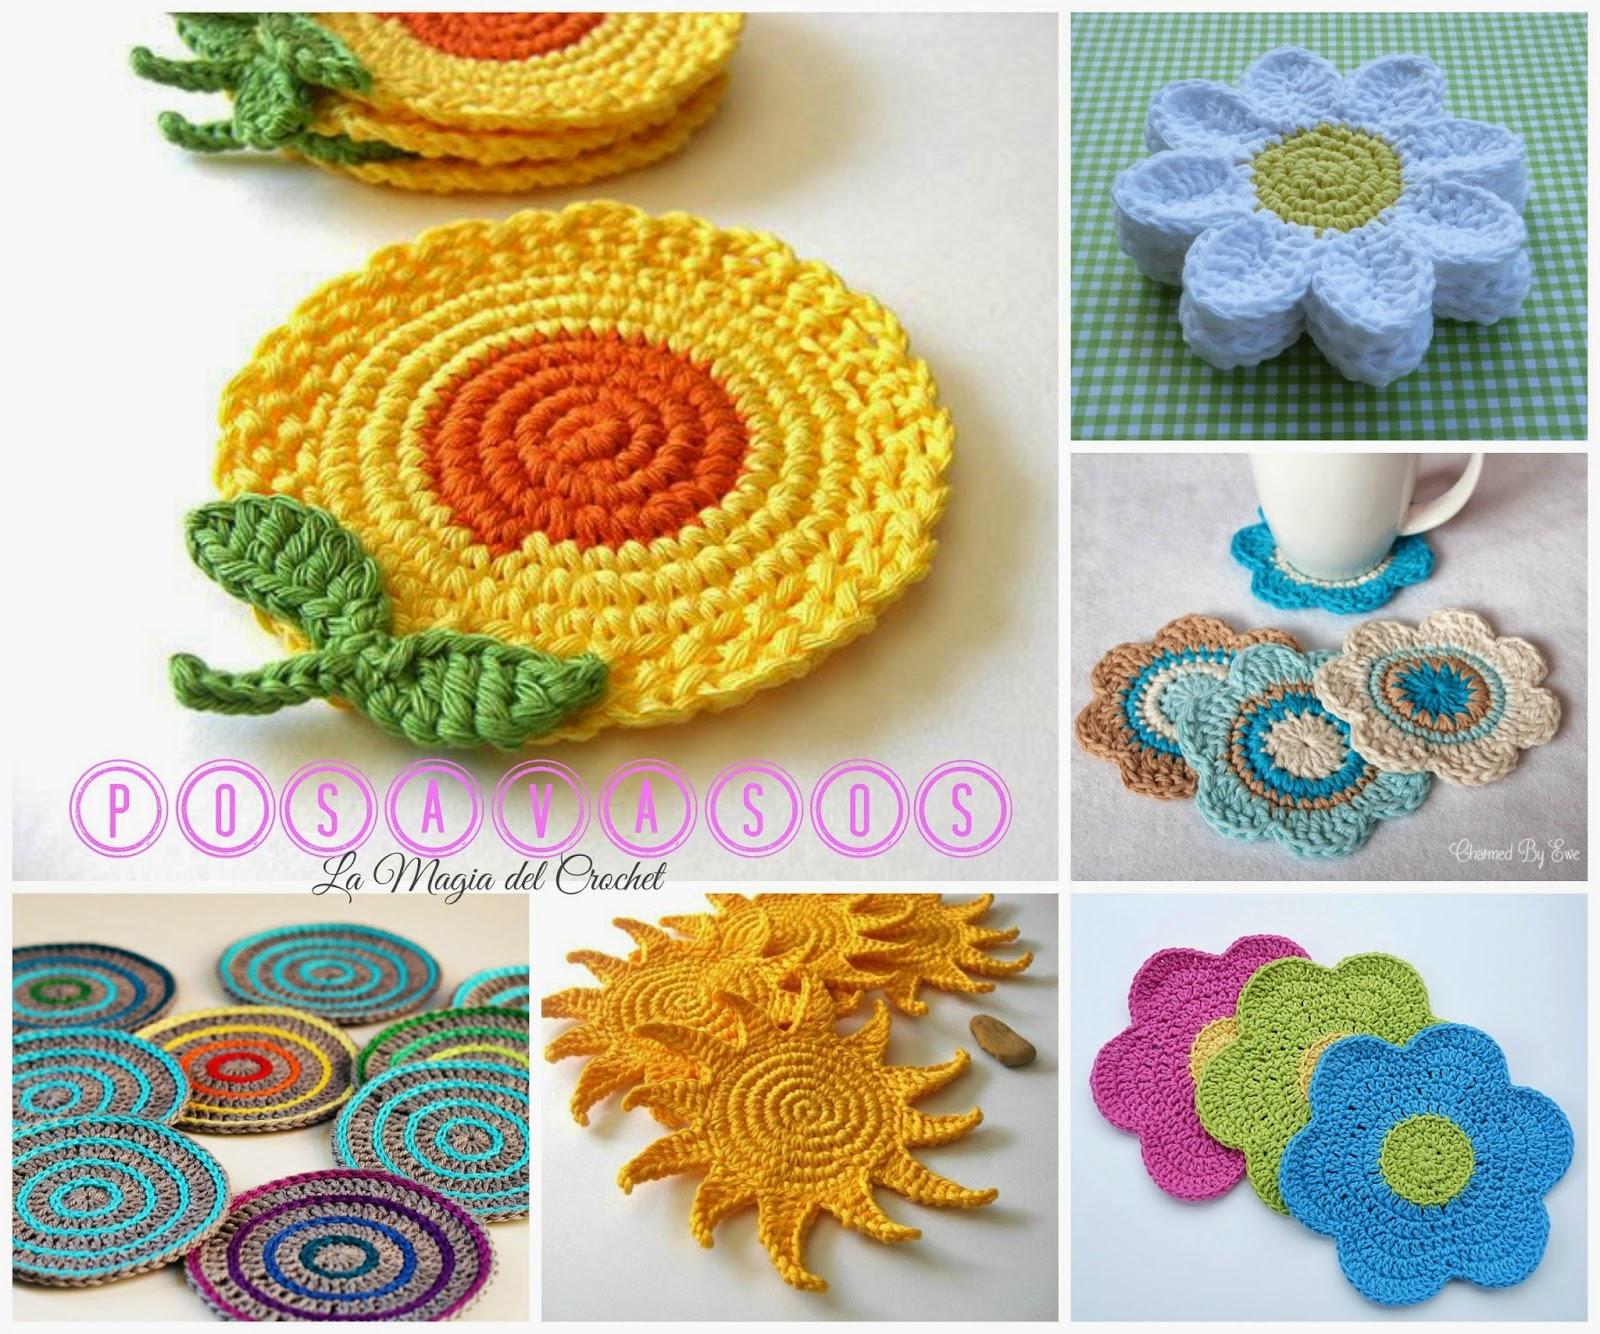 Posavasos a crochet aprender manualidades es for Facilisimo com manualidades